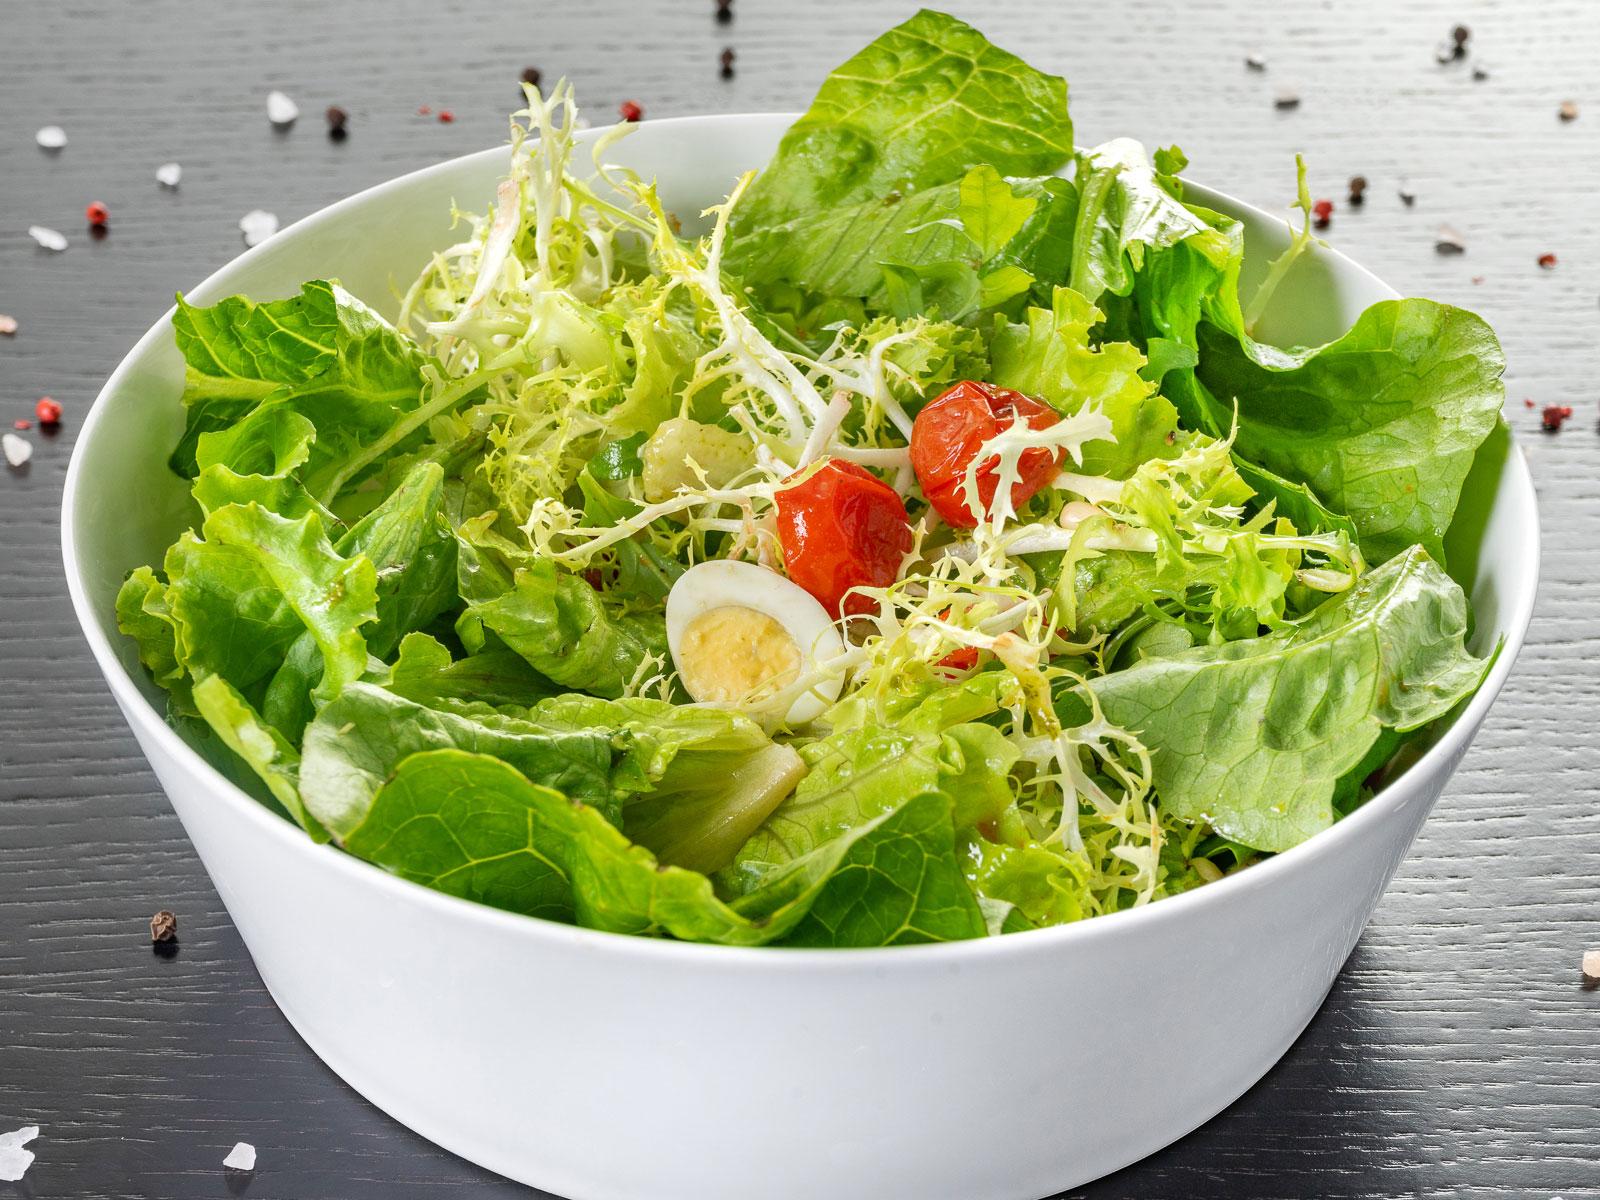 Салат из зеленых листьев